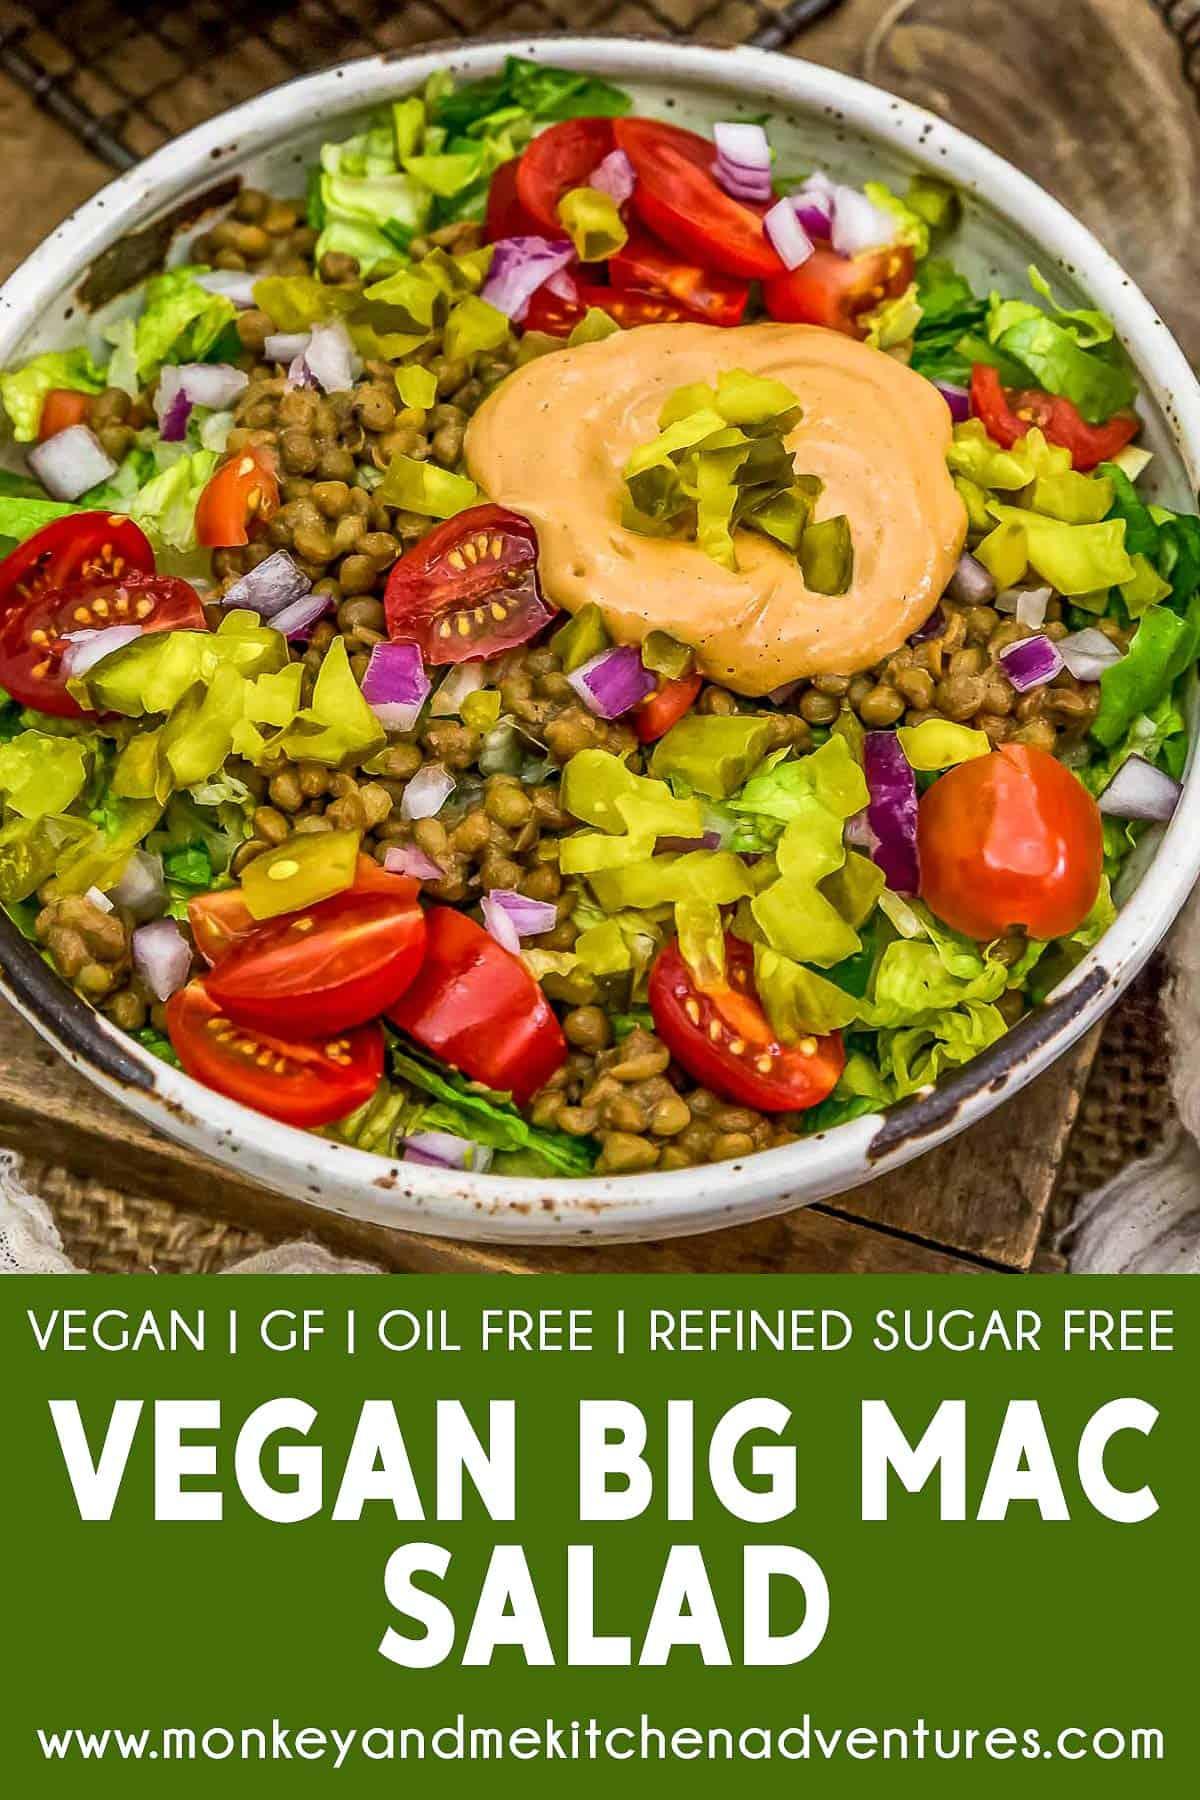 Vegan Big Mac Salad with Text Description